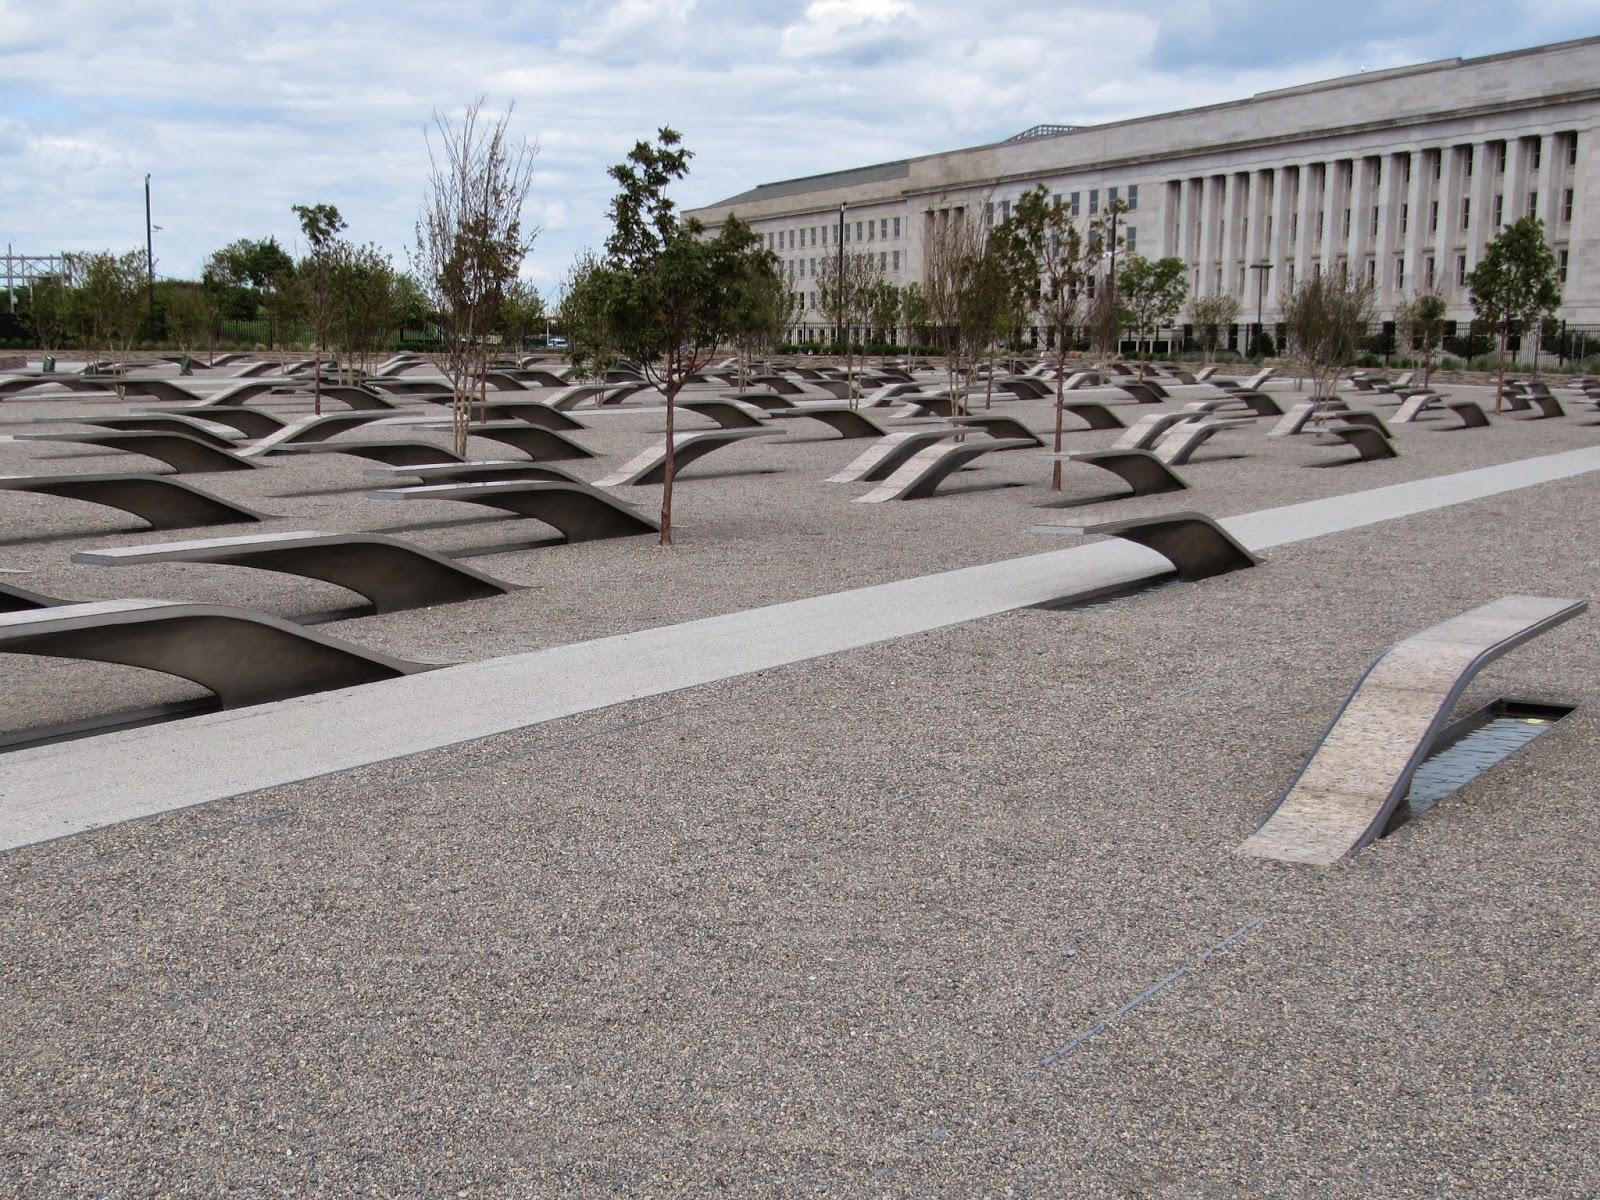 Pentagon City Park